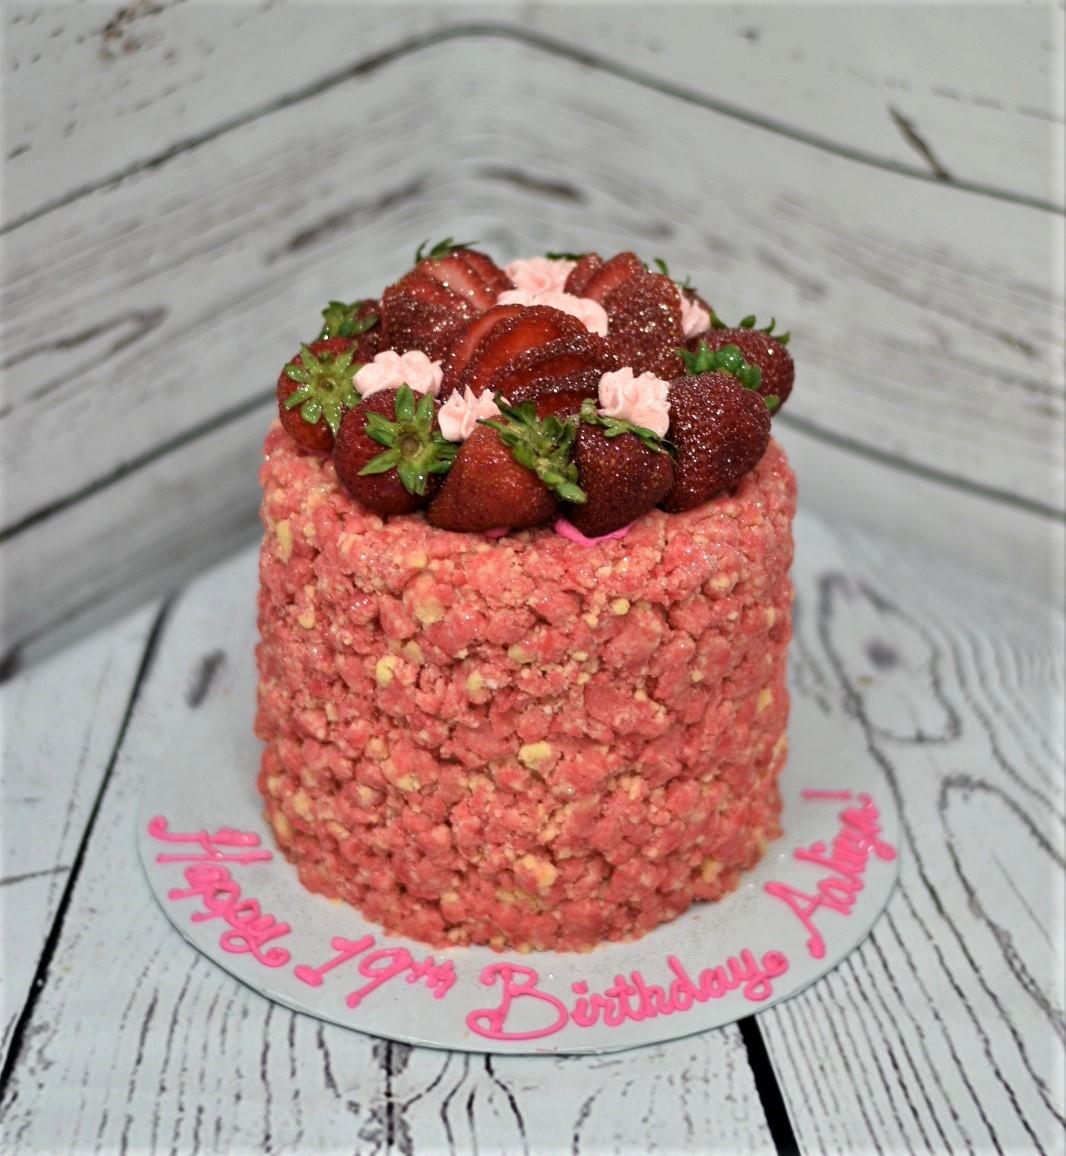 Shortcake Crumble Birthday Cake